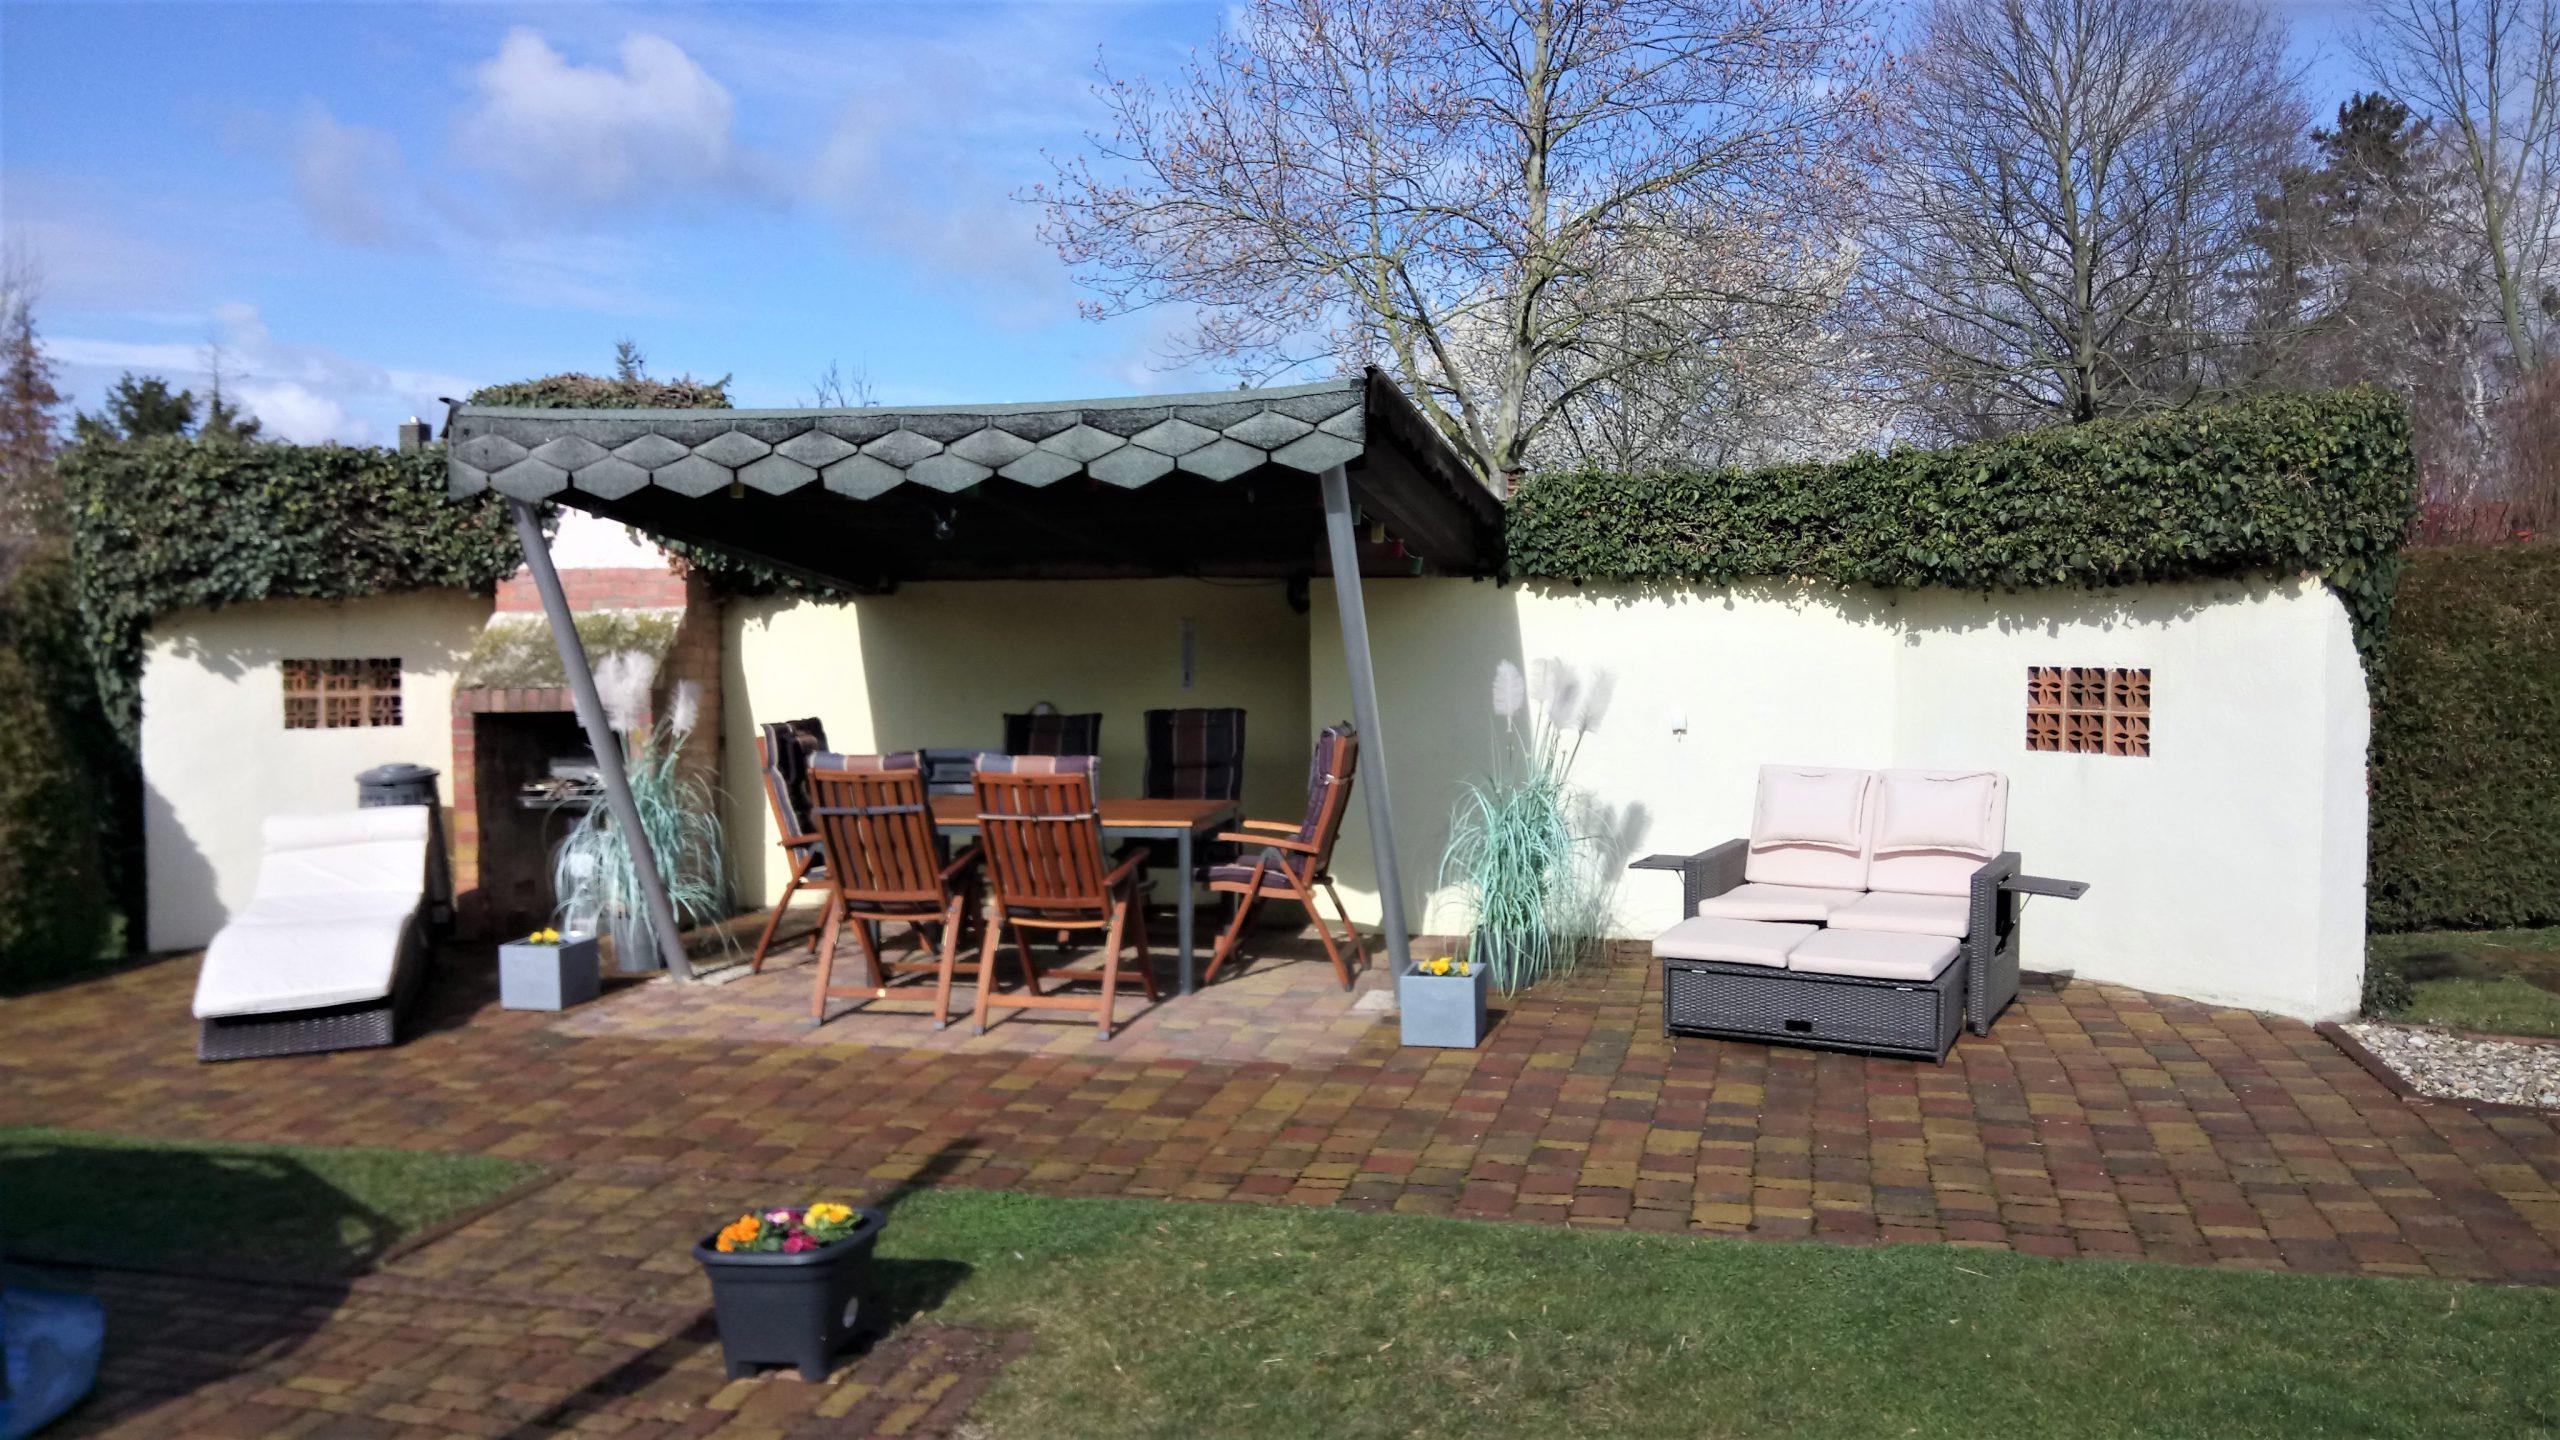 Einfamilienhaus Kröllwitz - Sitzecke im Garten